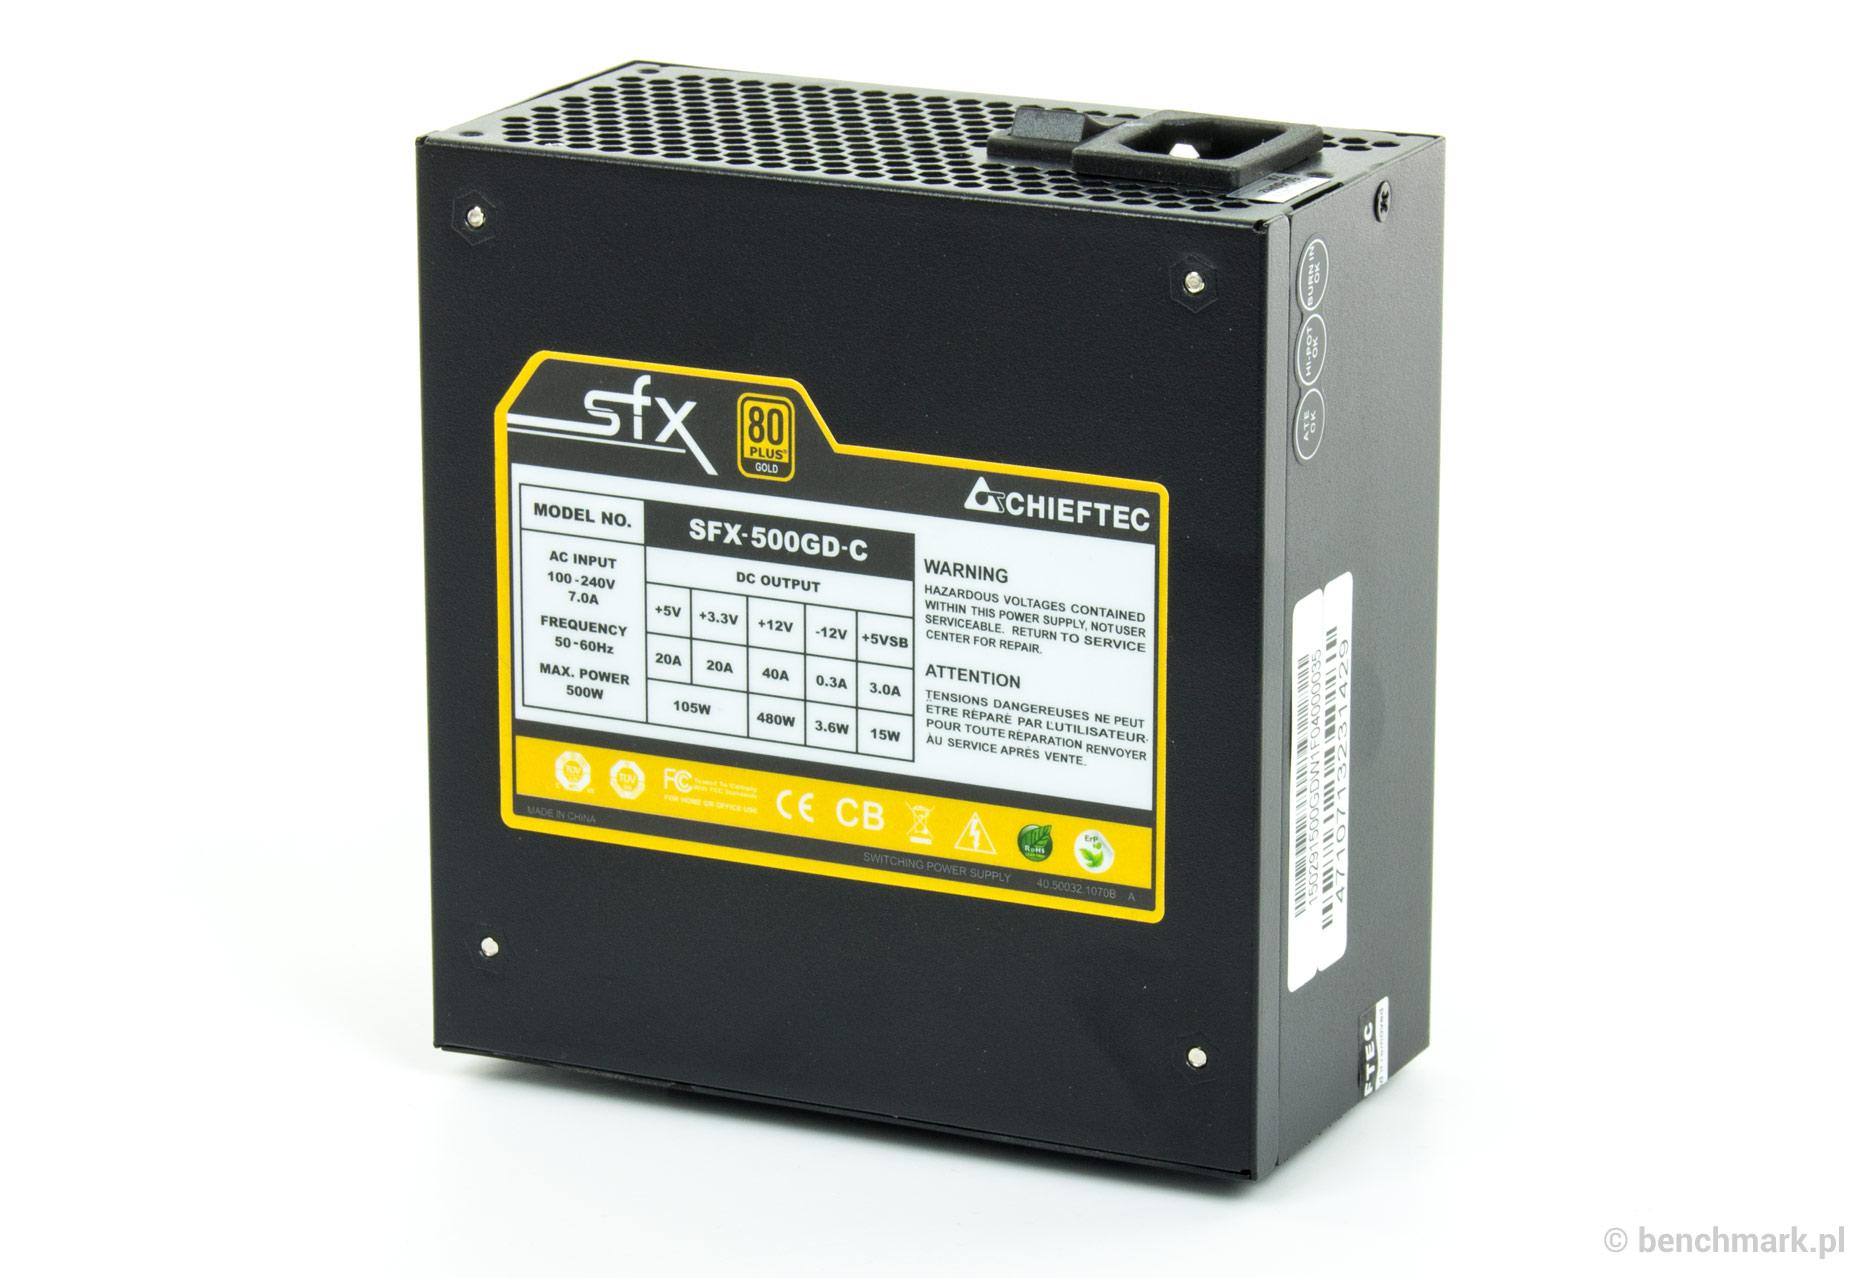 Chieftec SFX-500GD-C zasilacz  - tabliczka znamionowa